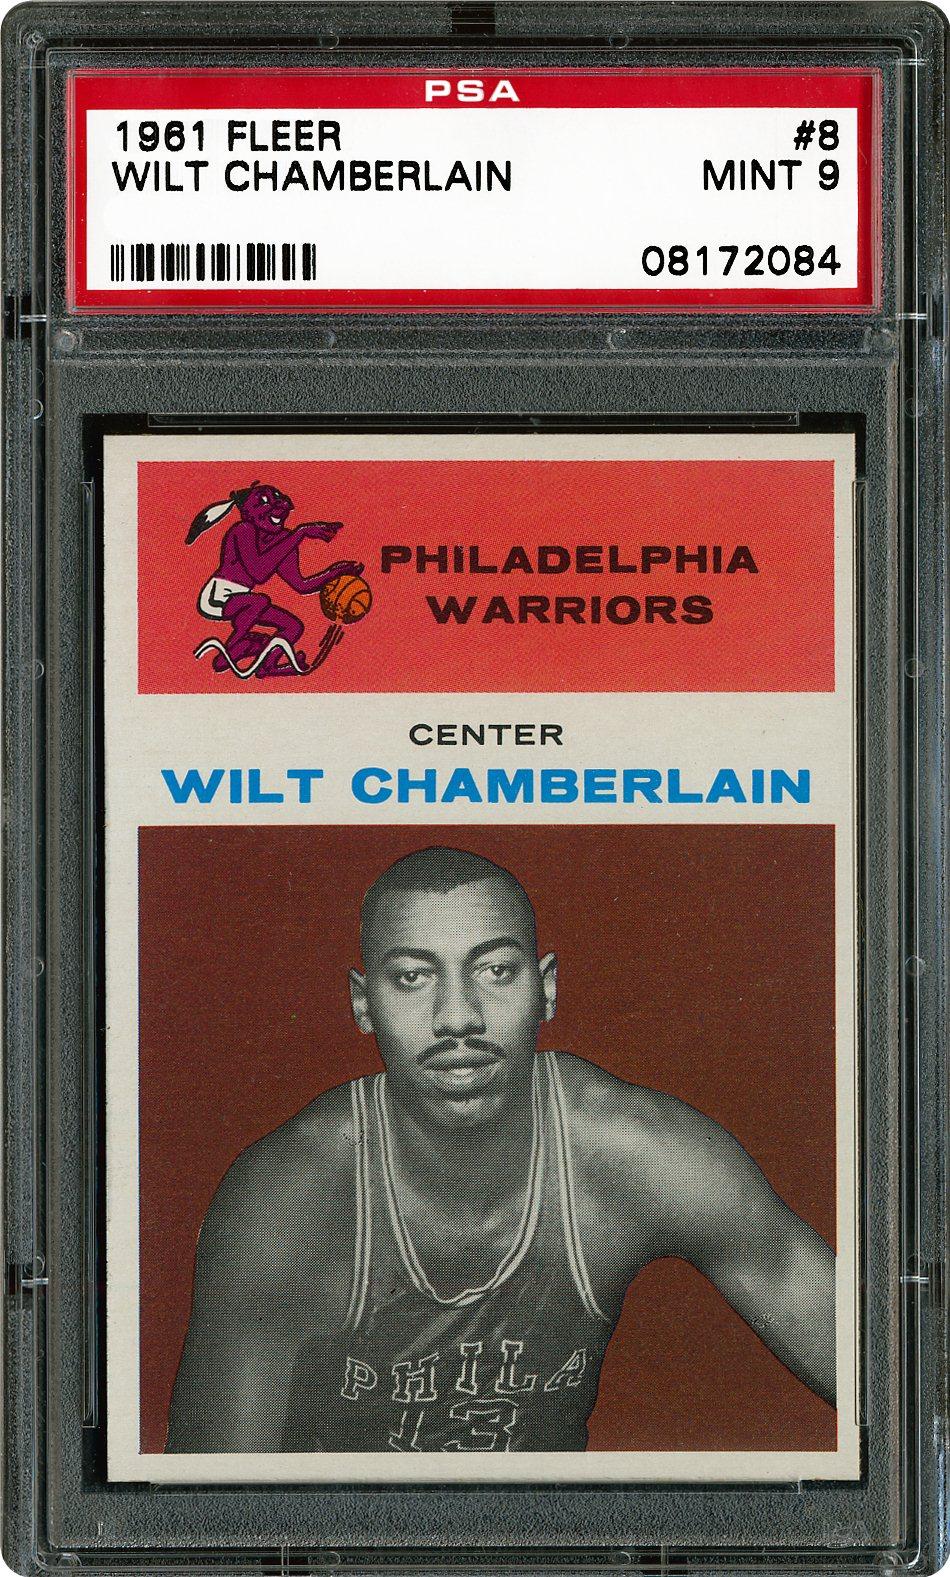 1961 Fleer 8 Wilt Chamberlain